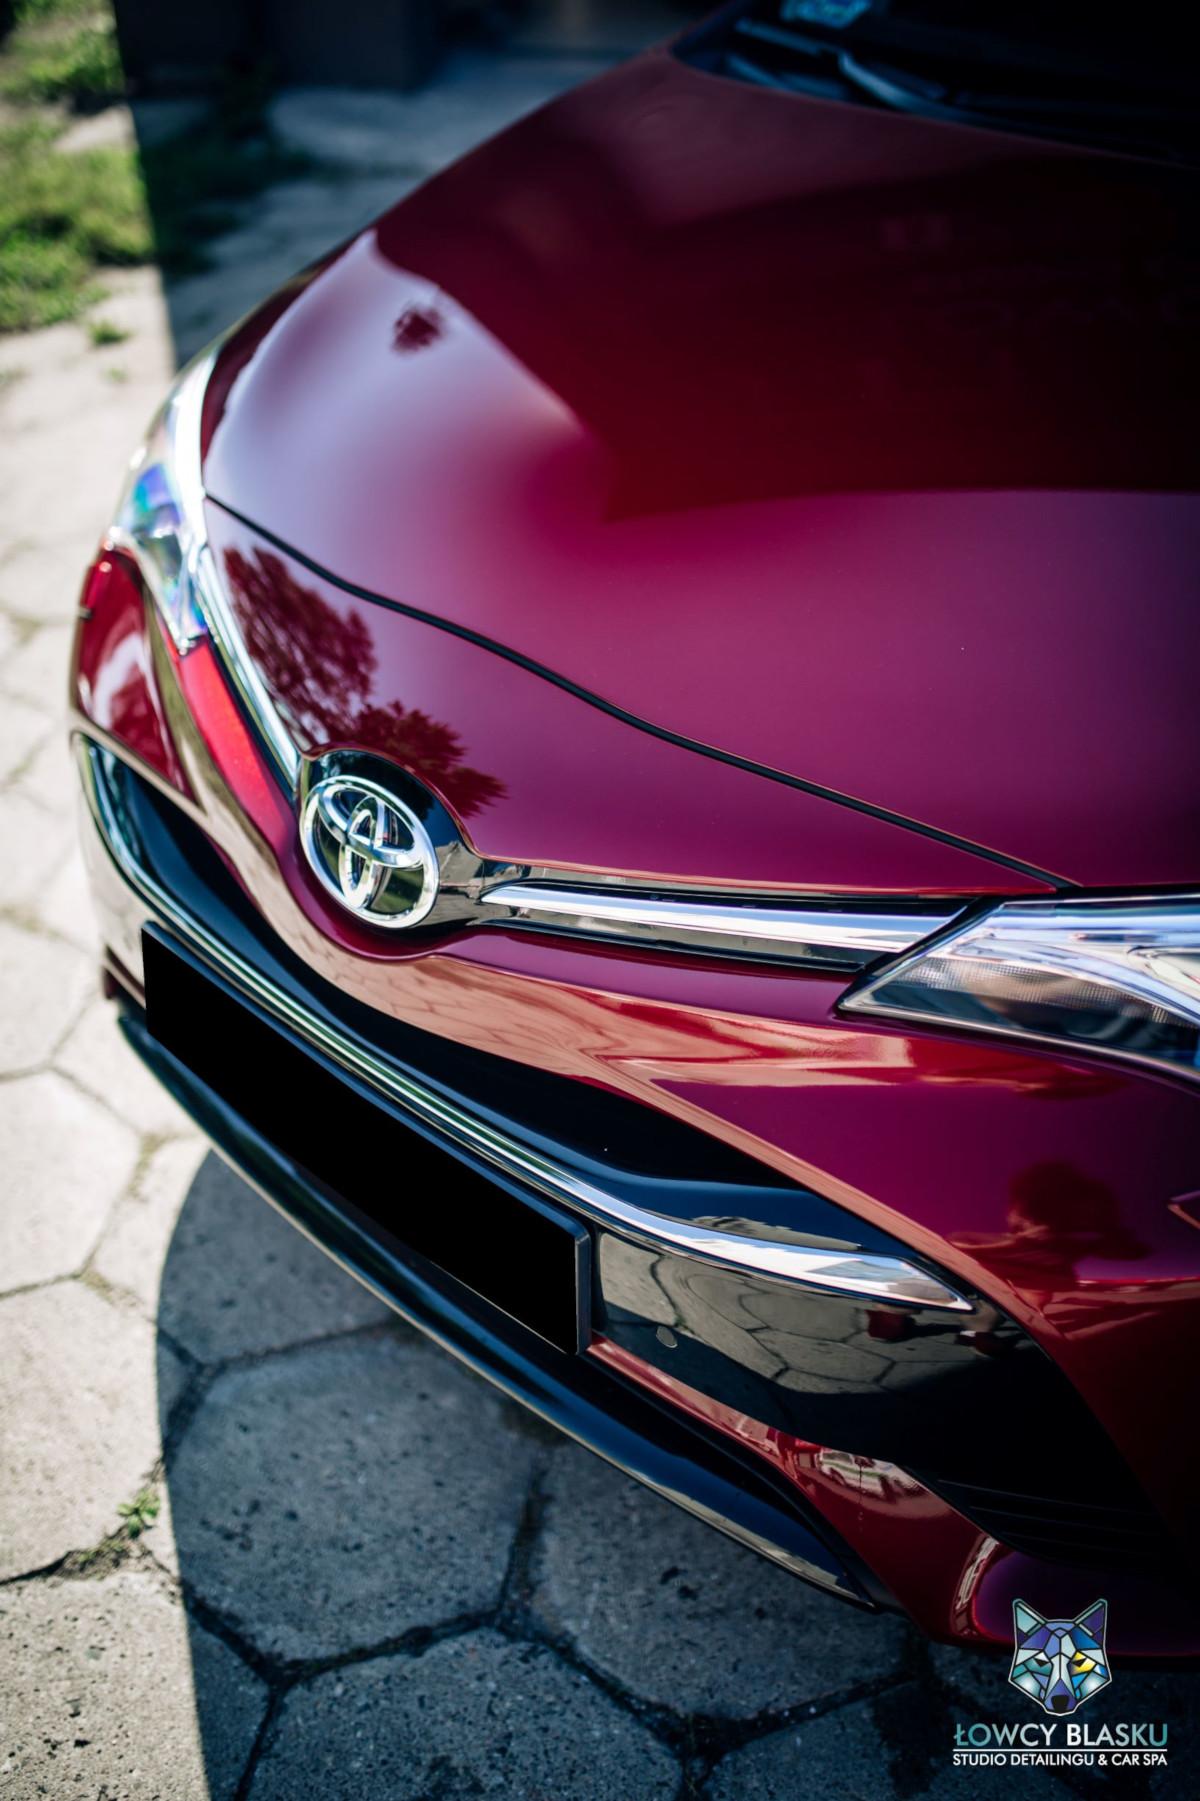 Toyota-Avensis-zabezpieczona-powłoką-opti-coat-pro-plus-łowcy-blasku-3